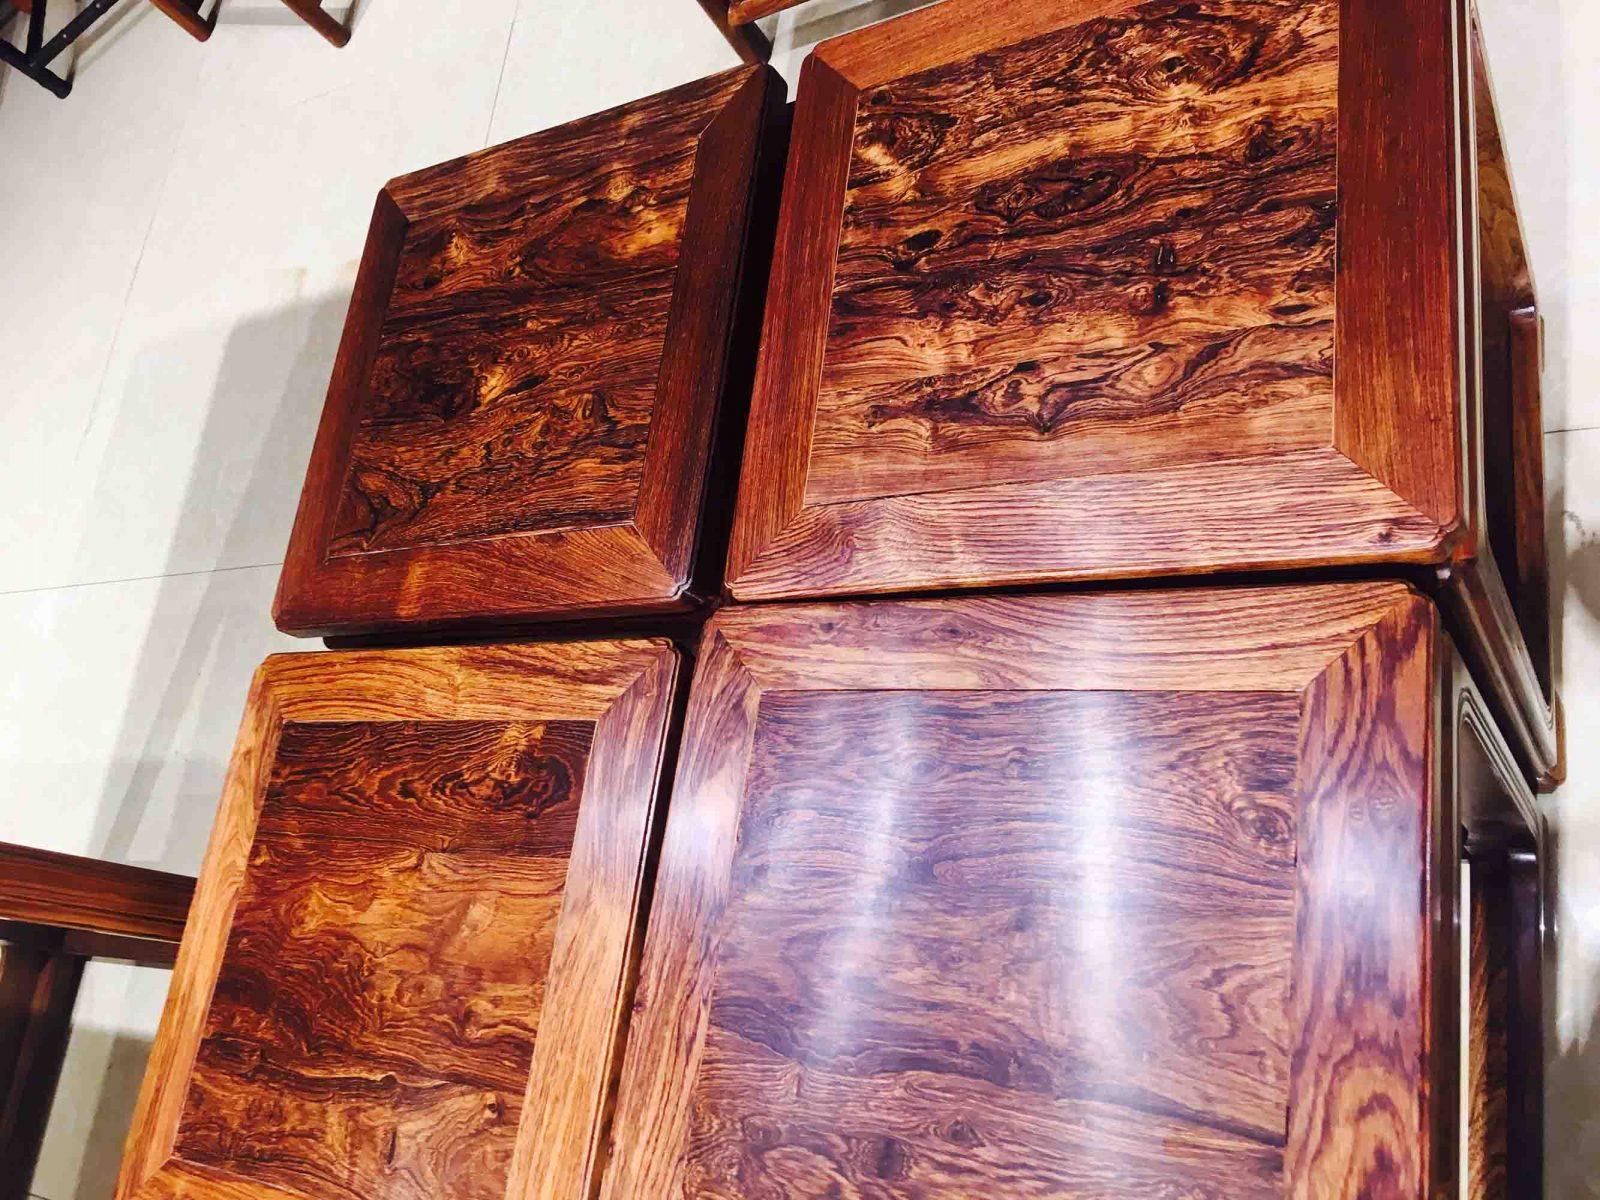 Hồi kết cuộc chiến giữa gỗ cẩm, gỗ hương và gỗ trắc - hoi ket cuoc chien giua go cam g0 trac va go huong 2